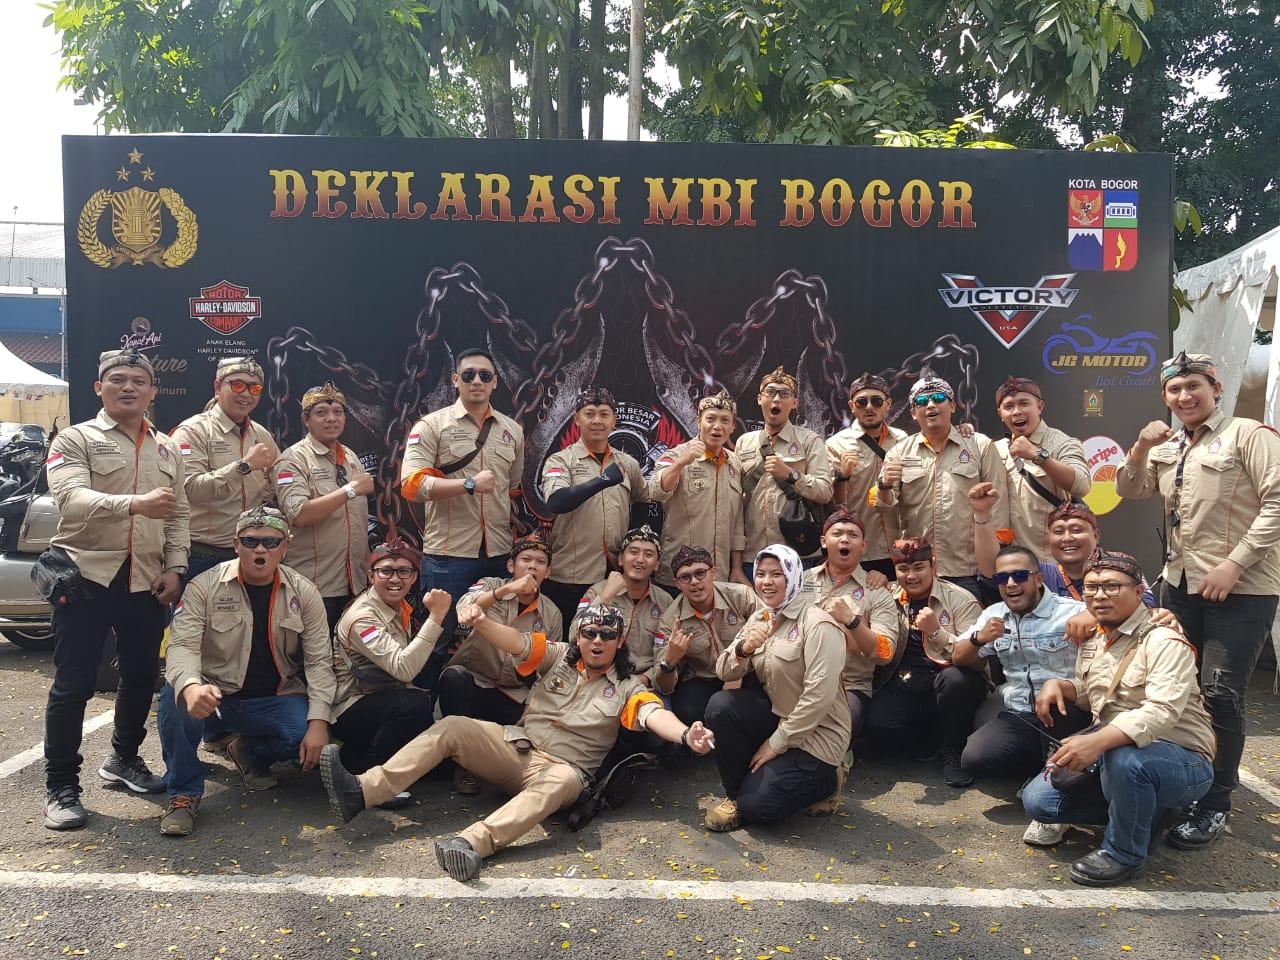 Resmi Berdiri, MBI Bogor Bawa Motto: One Road One Harmony